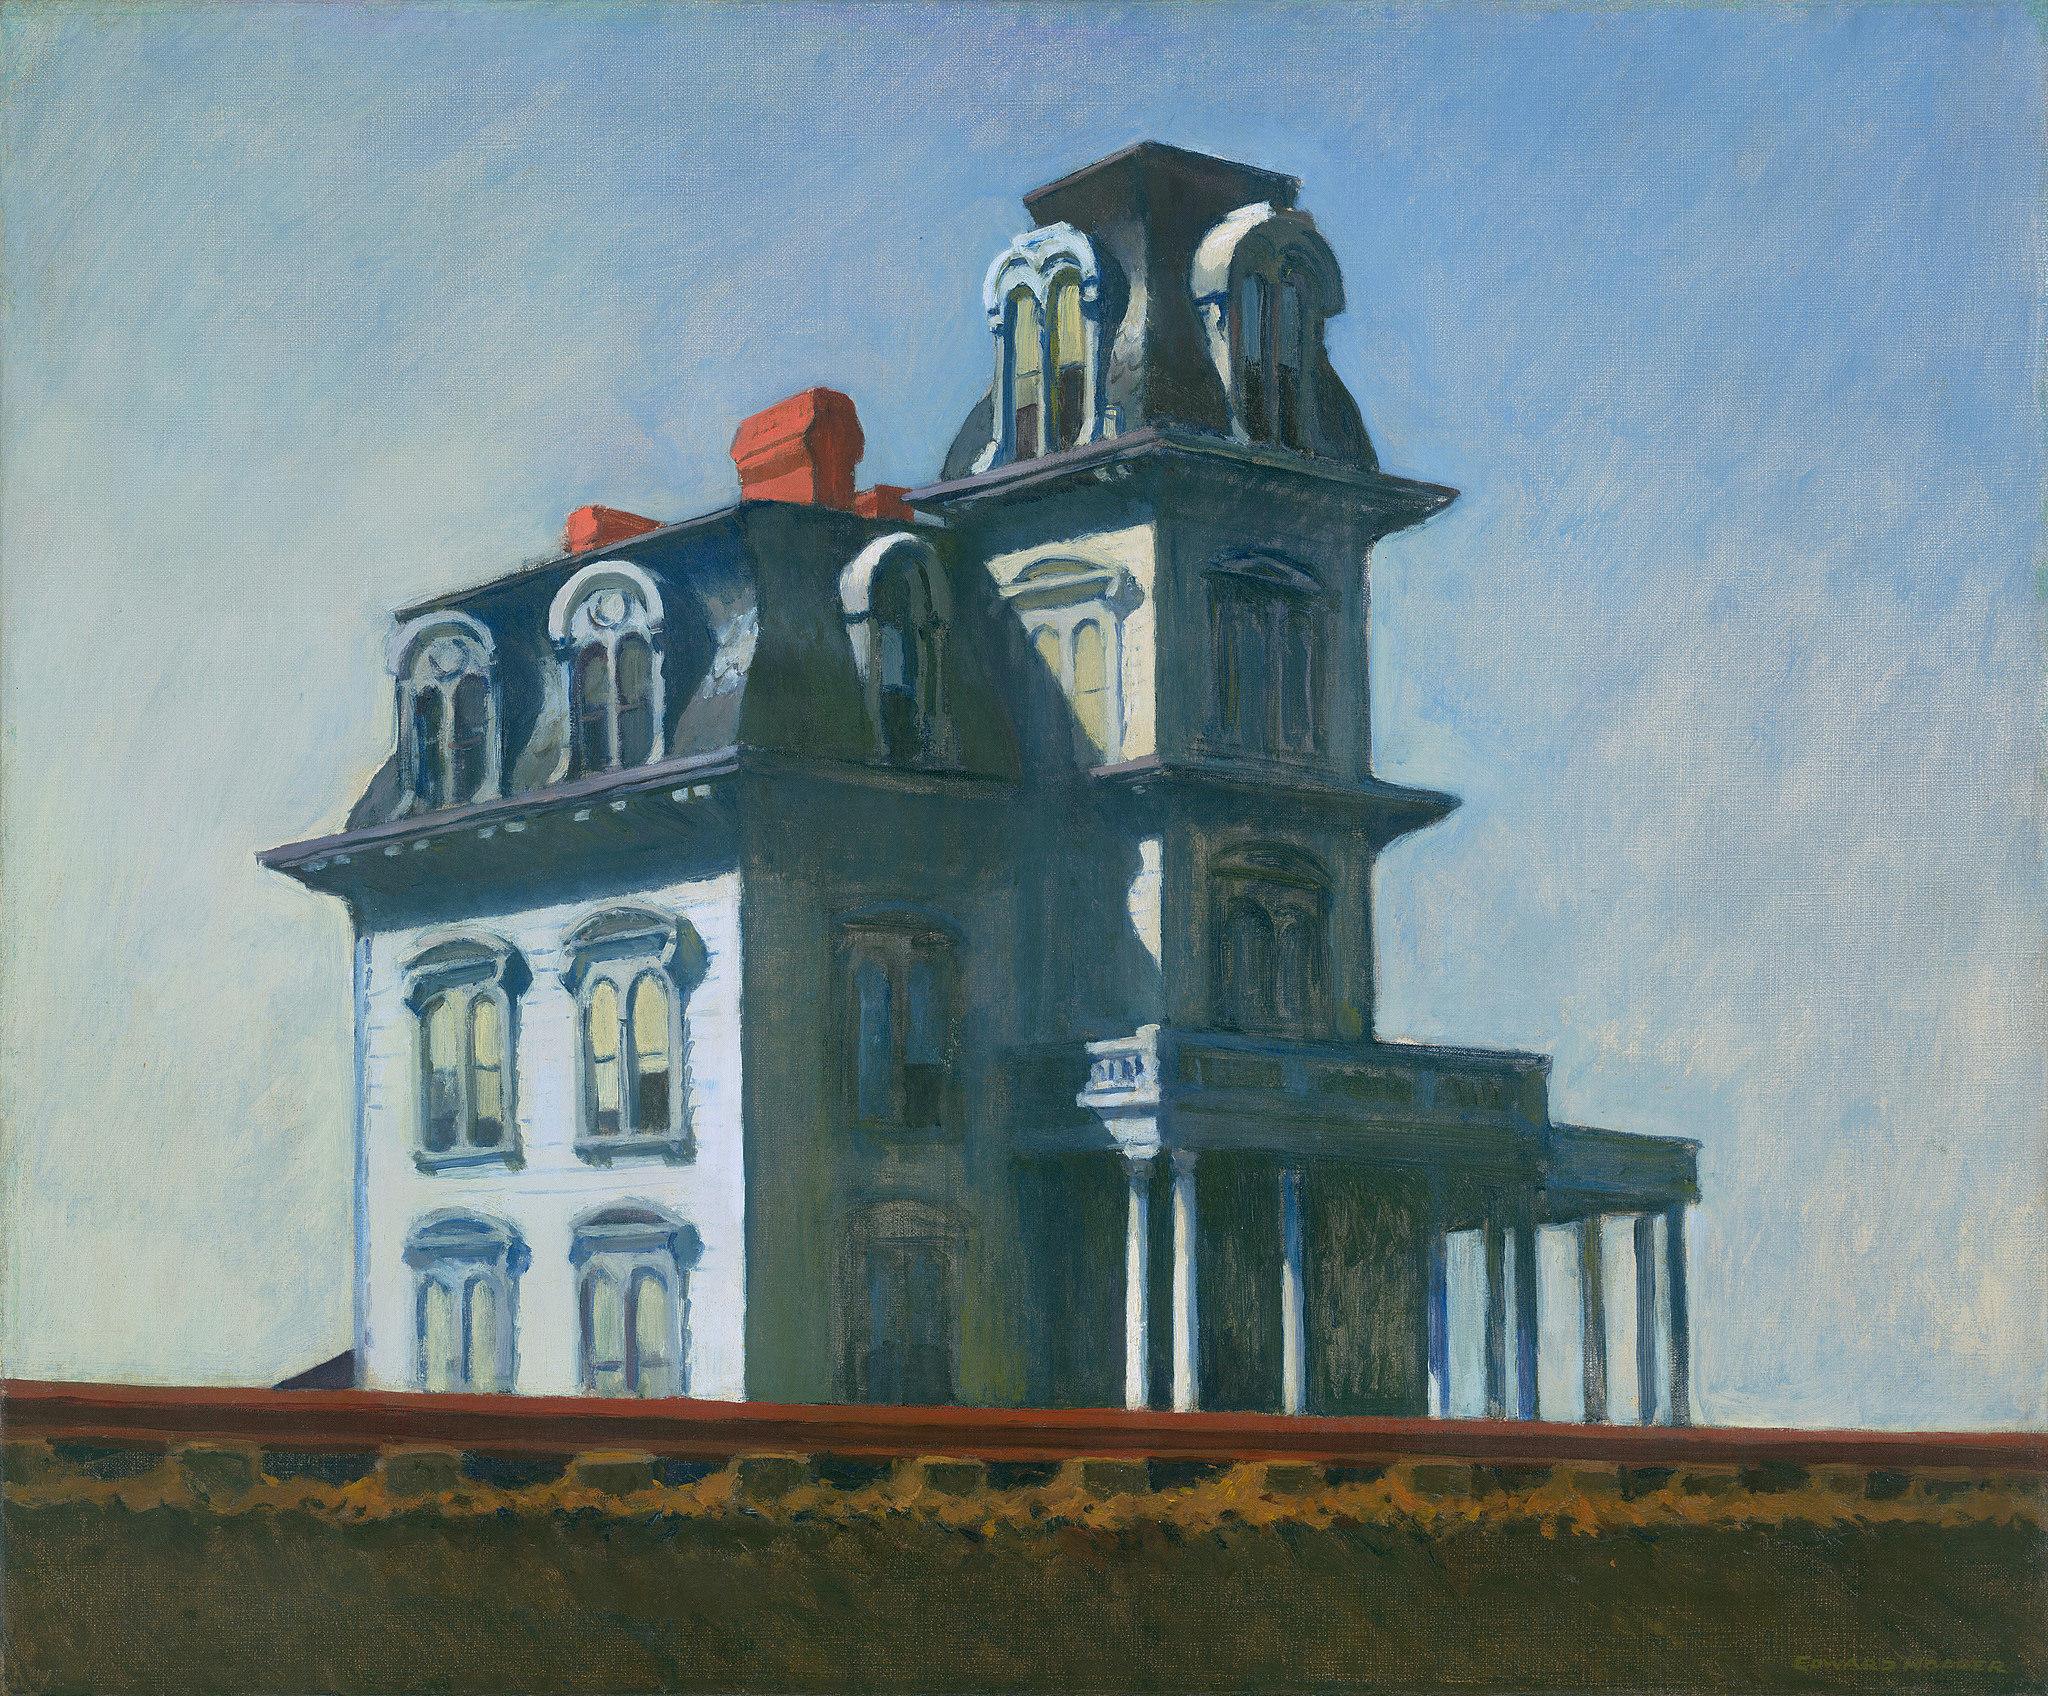 منزل بجانب السكك الحديدية، إدوارد هوبر